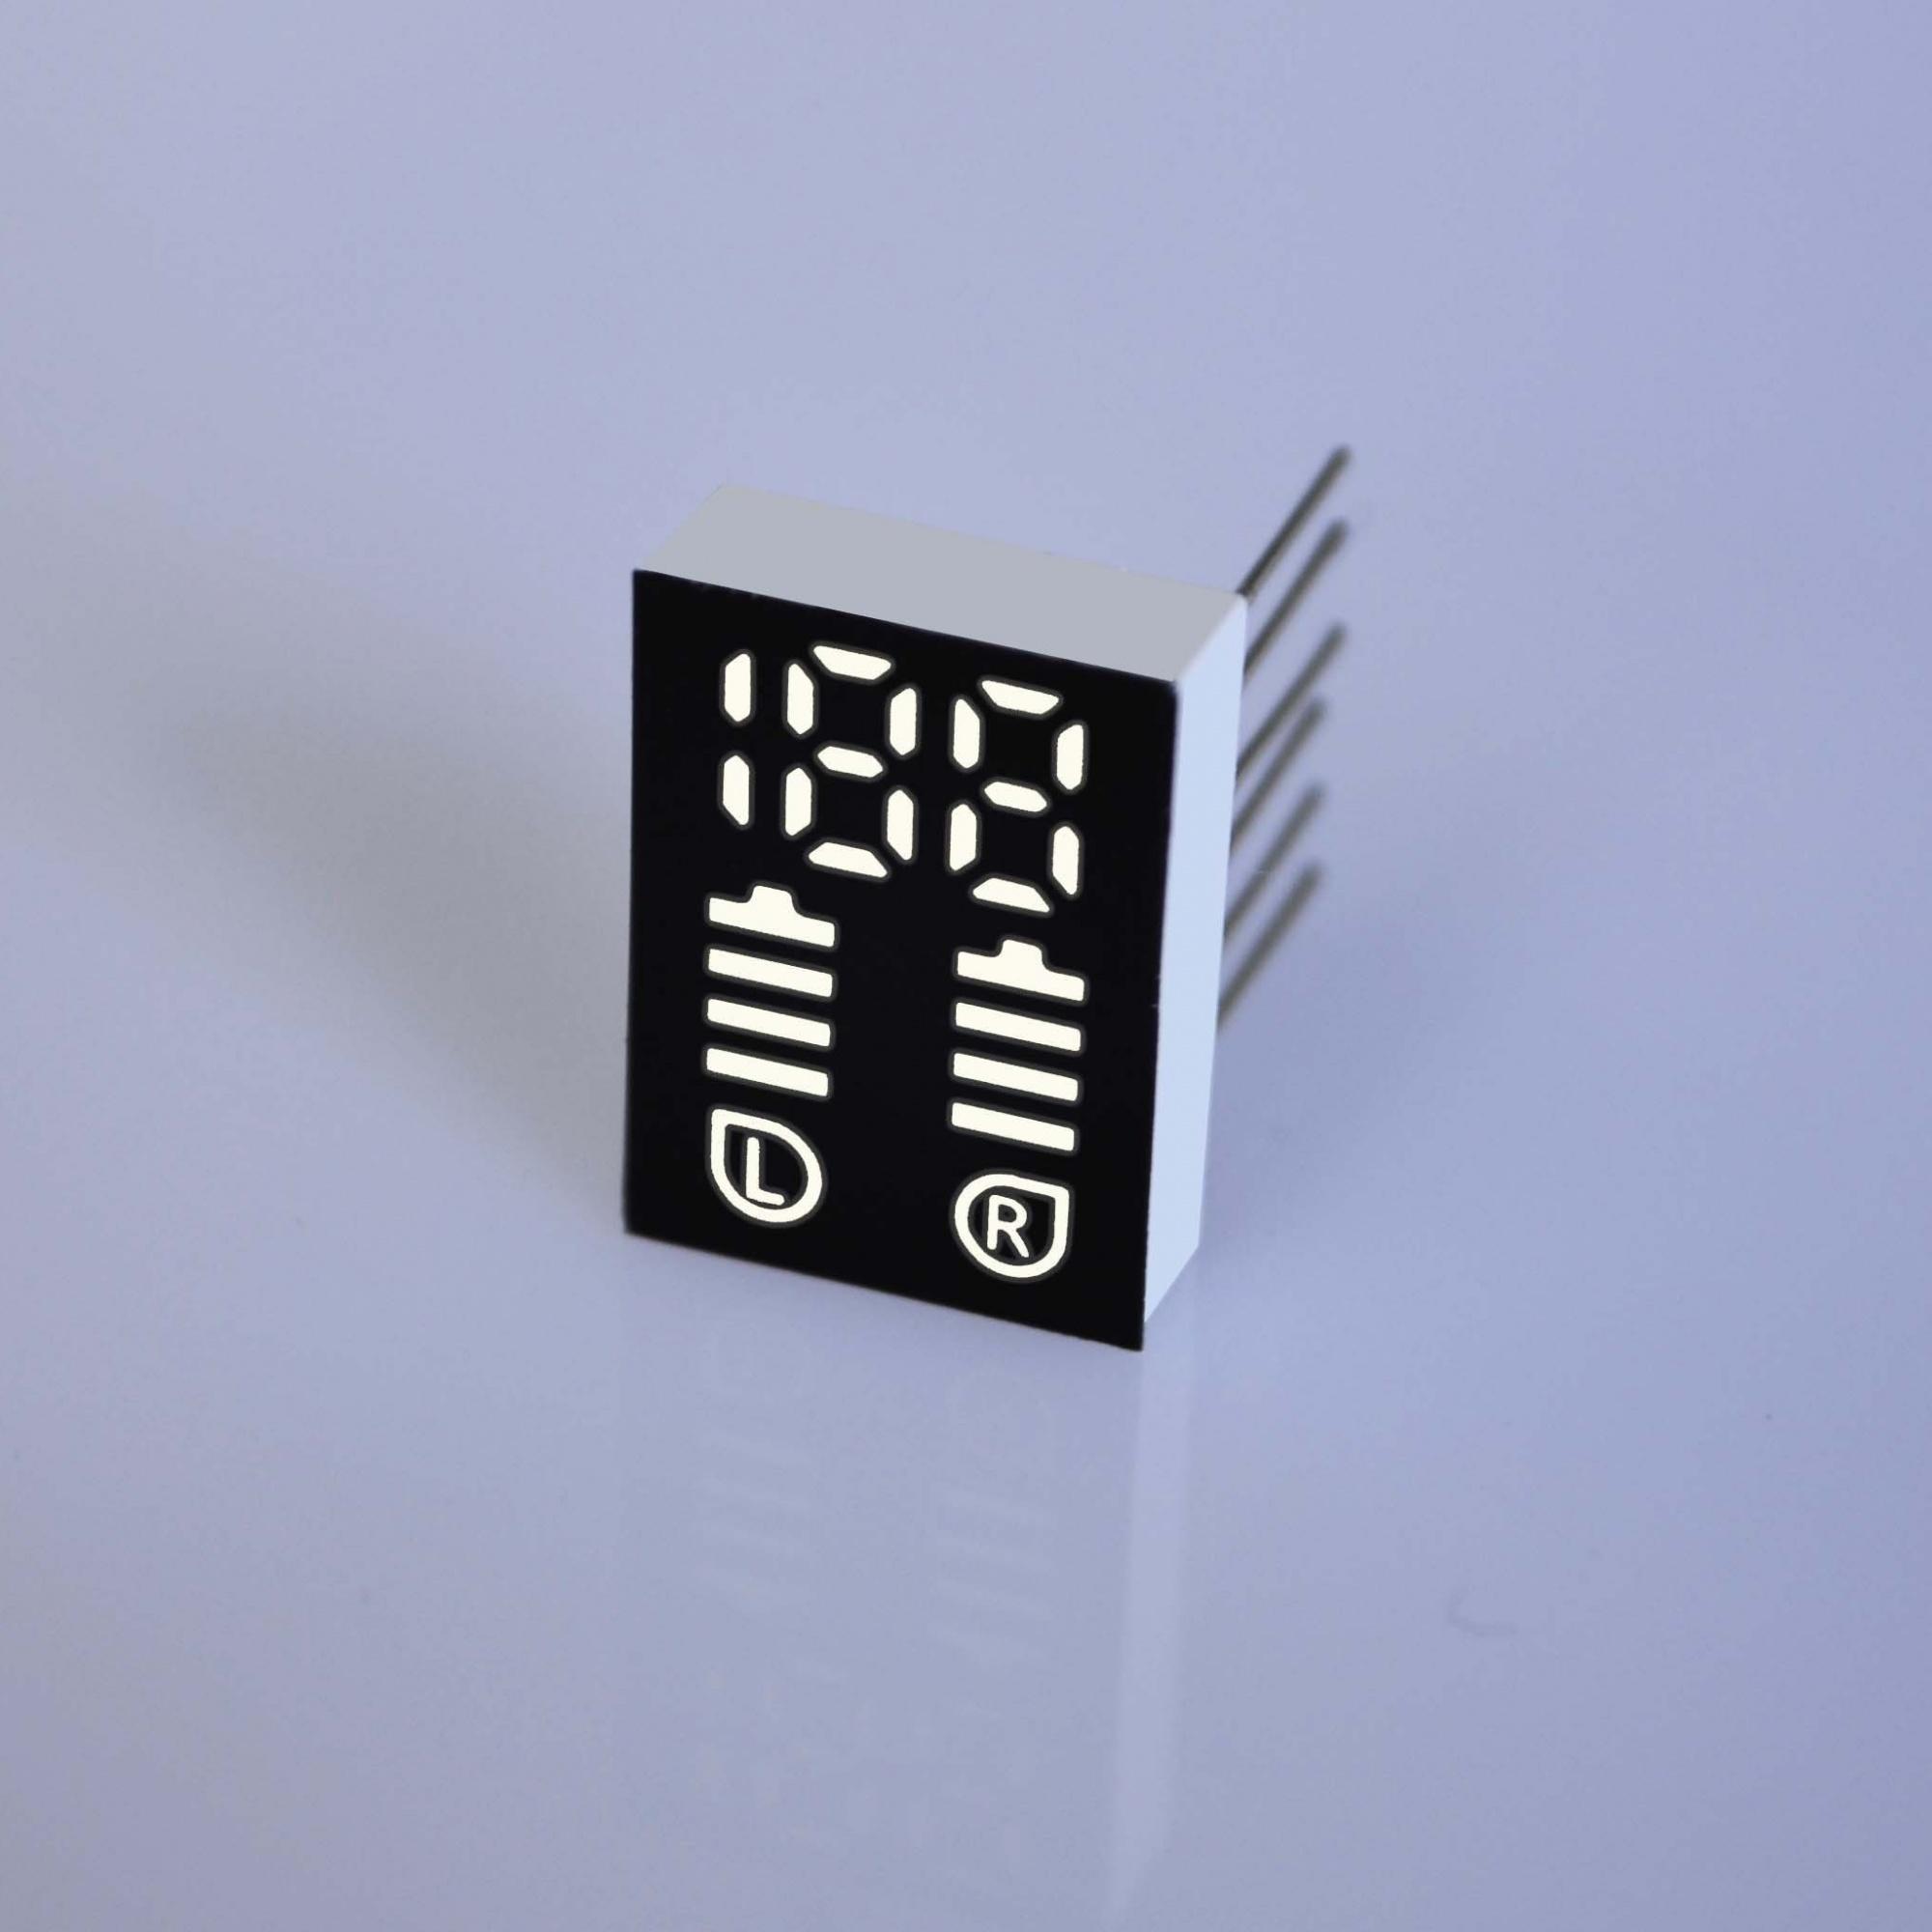 蓝牙耳机led数码管显示屏引脚图_电路图-信恩光电工厂提供